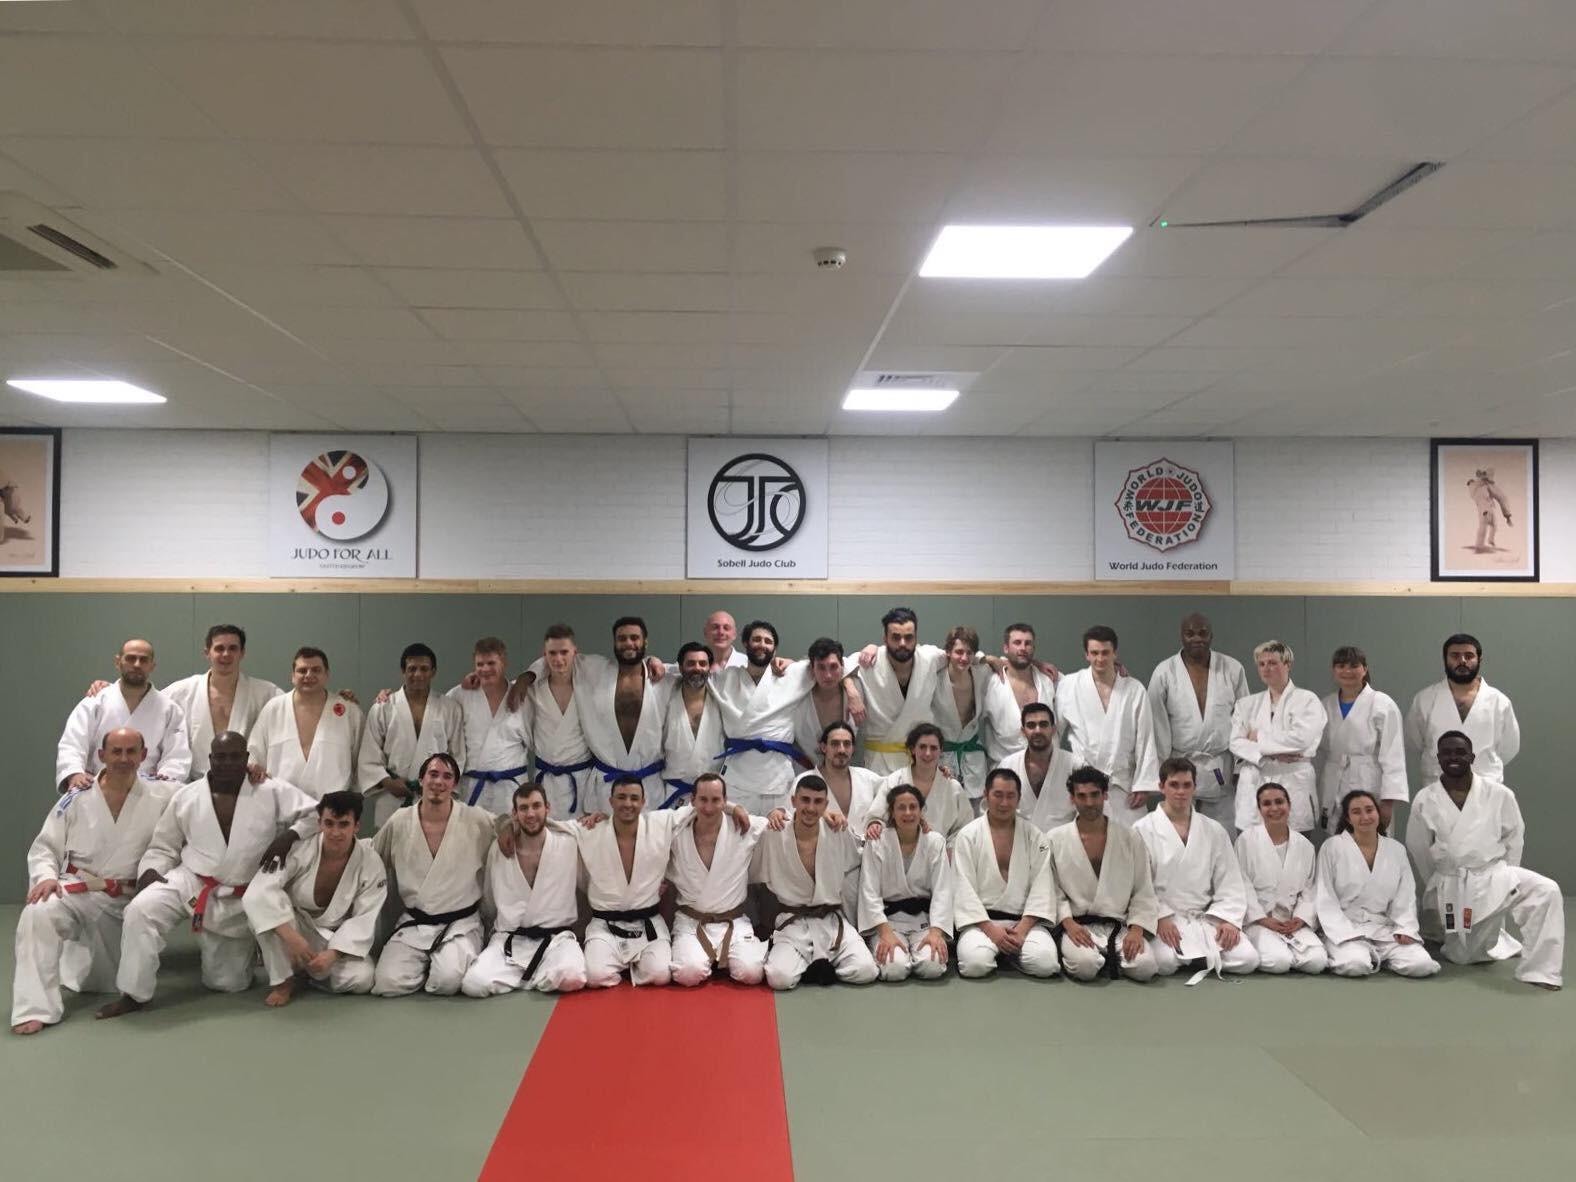 Judo Classes   Sobell Judo Club   London N7 7NY